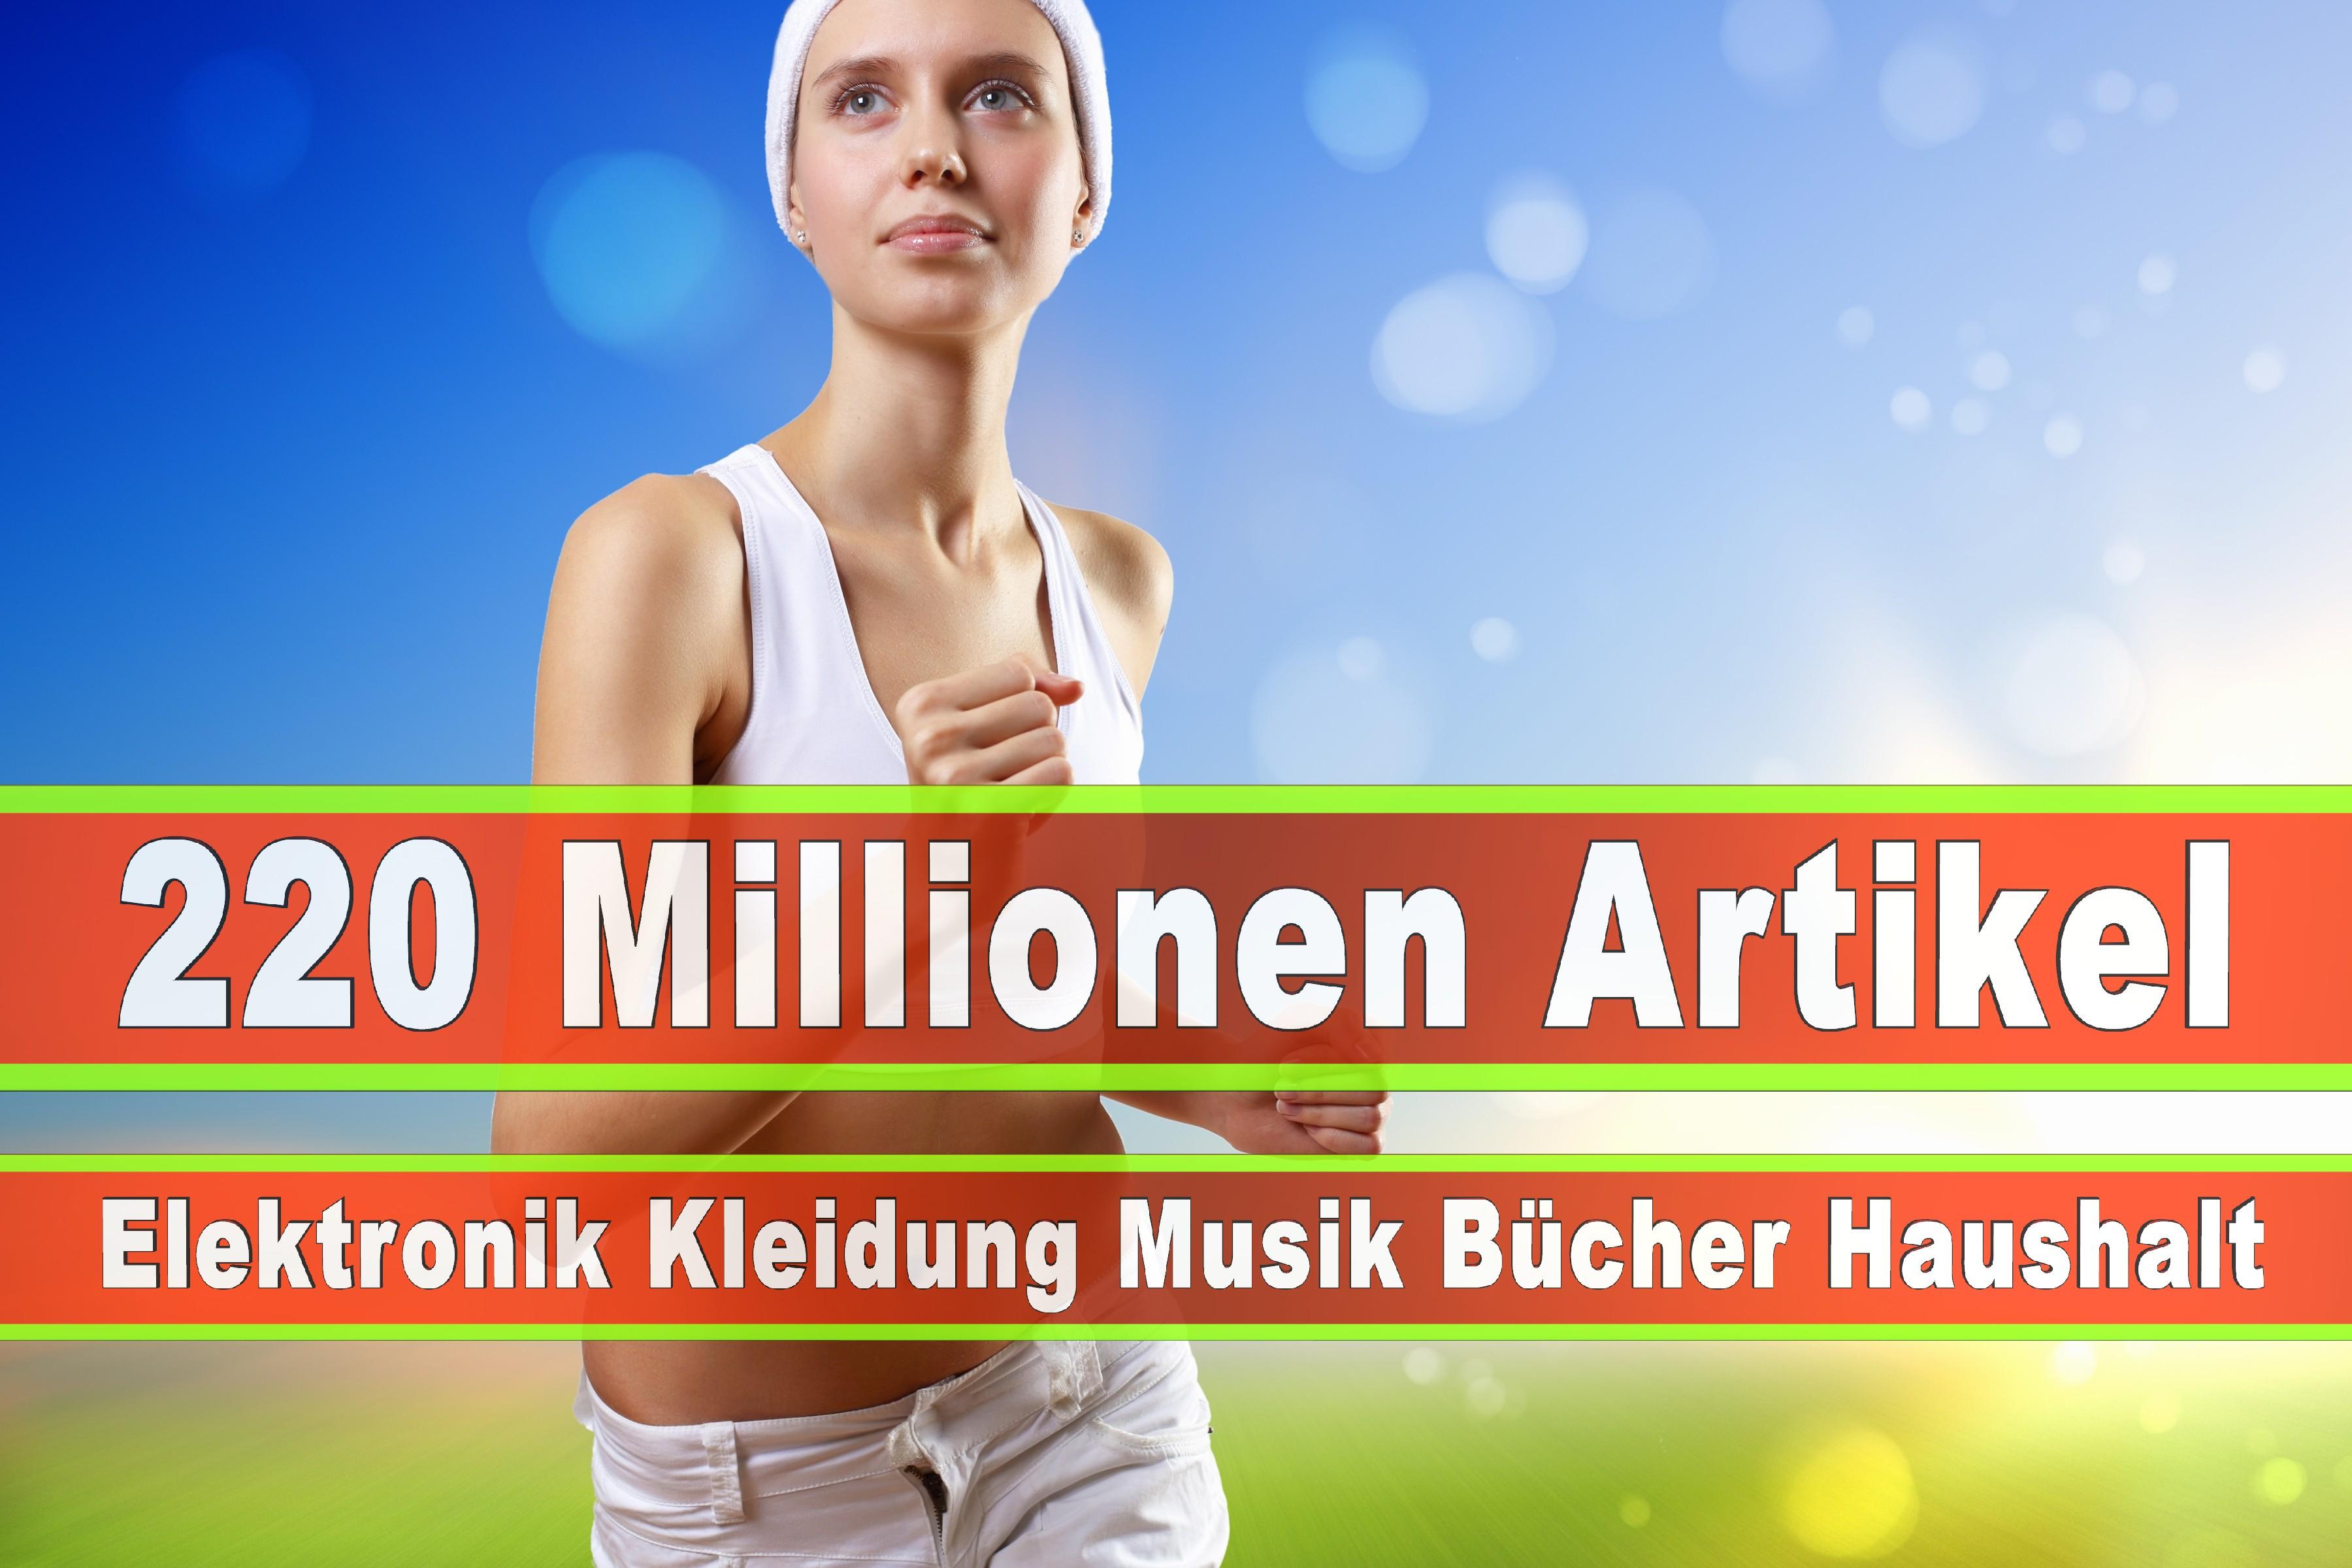 Amazon Elektronik Musik Haushalt Bücher CD DVD Handys Smartphones TV Television Fernseher Kleidung Mode Ebay Versandhaus (227)